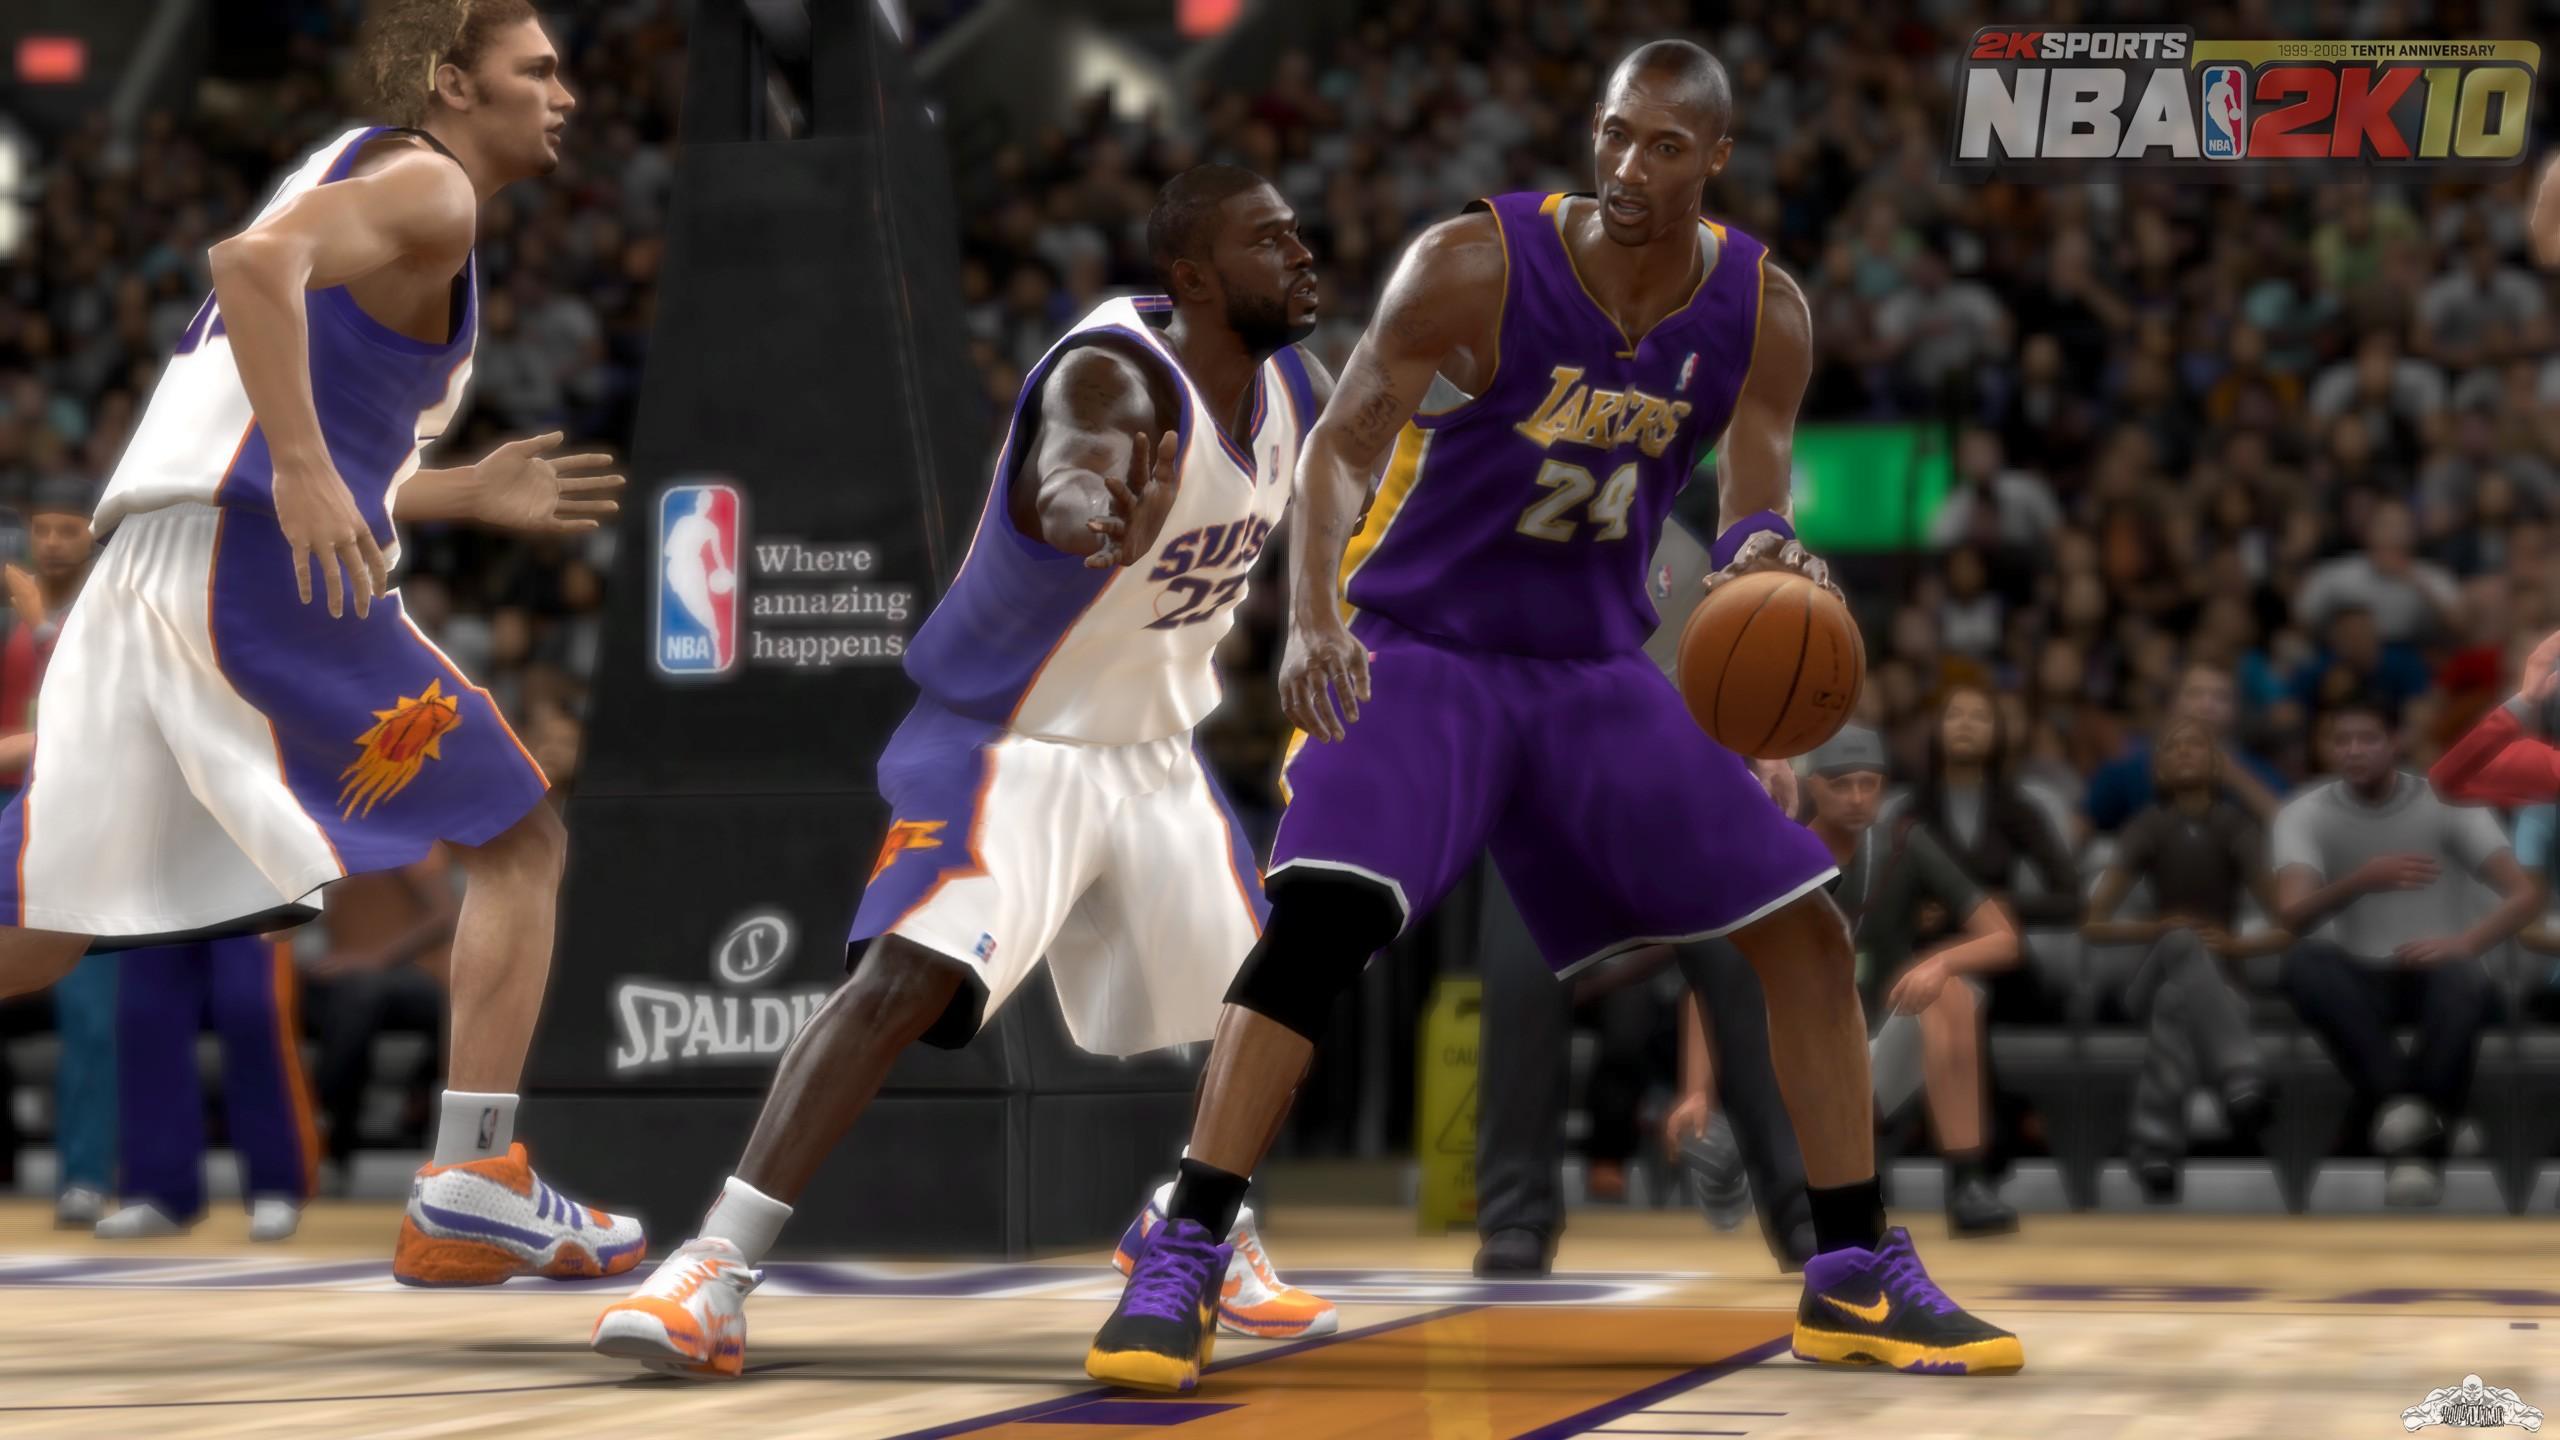 NBA 2K10 #16